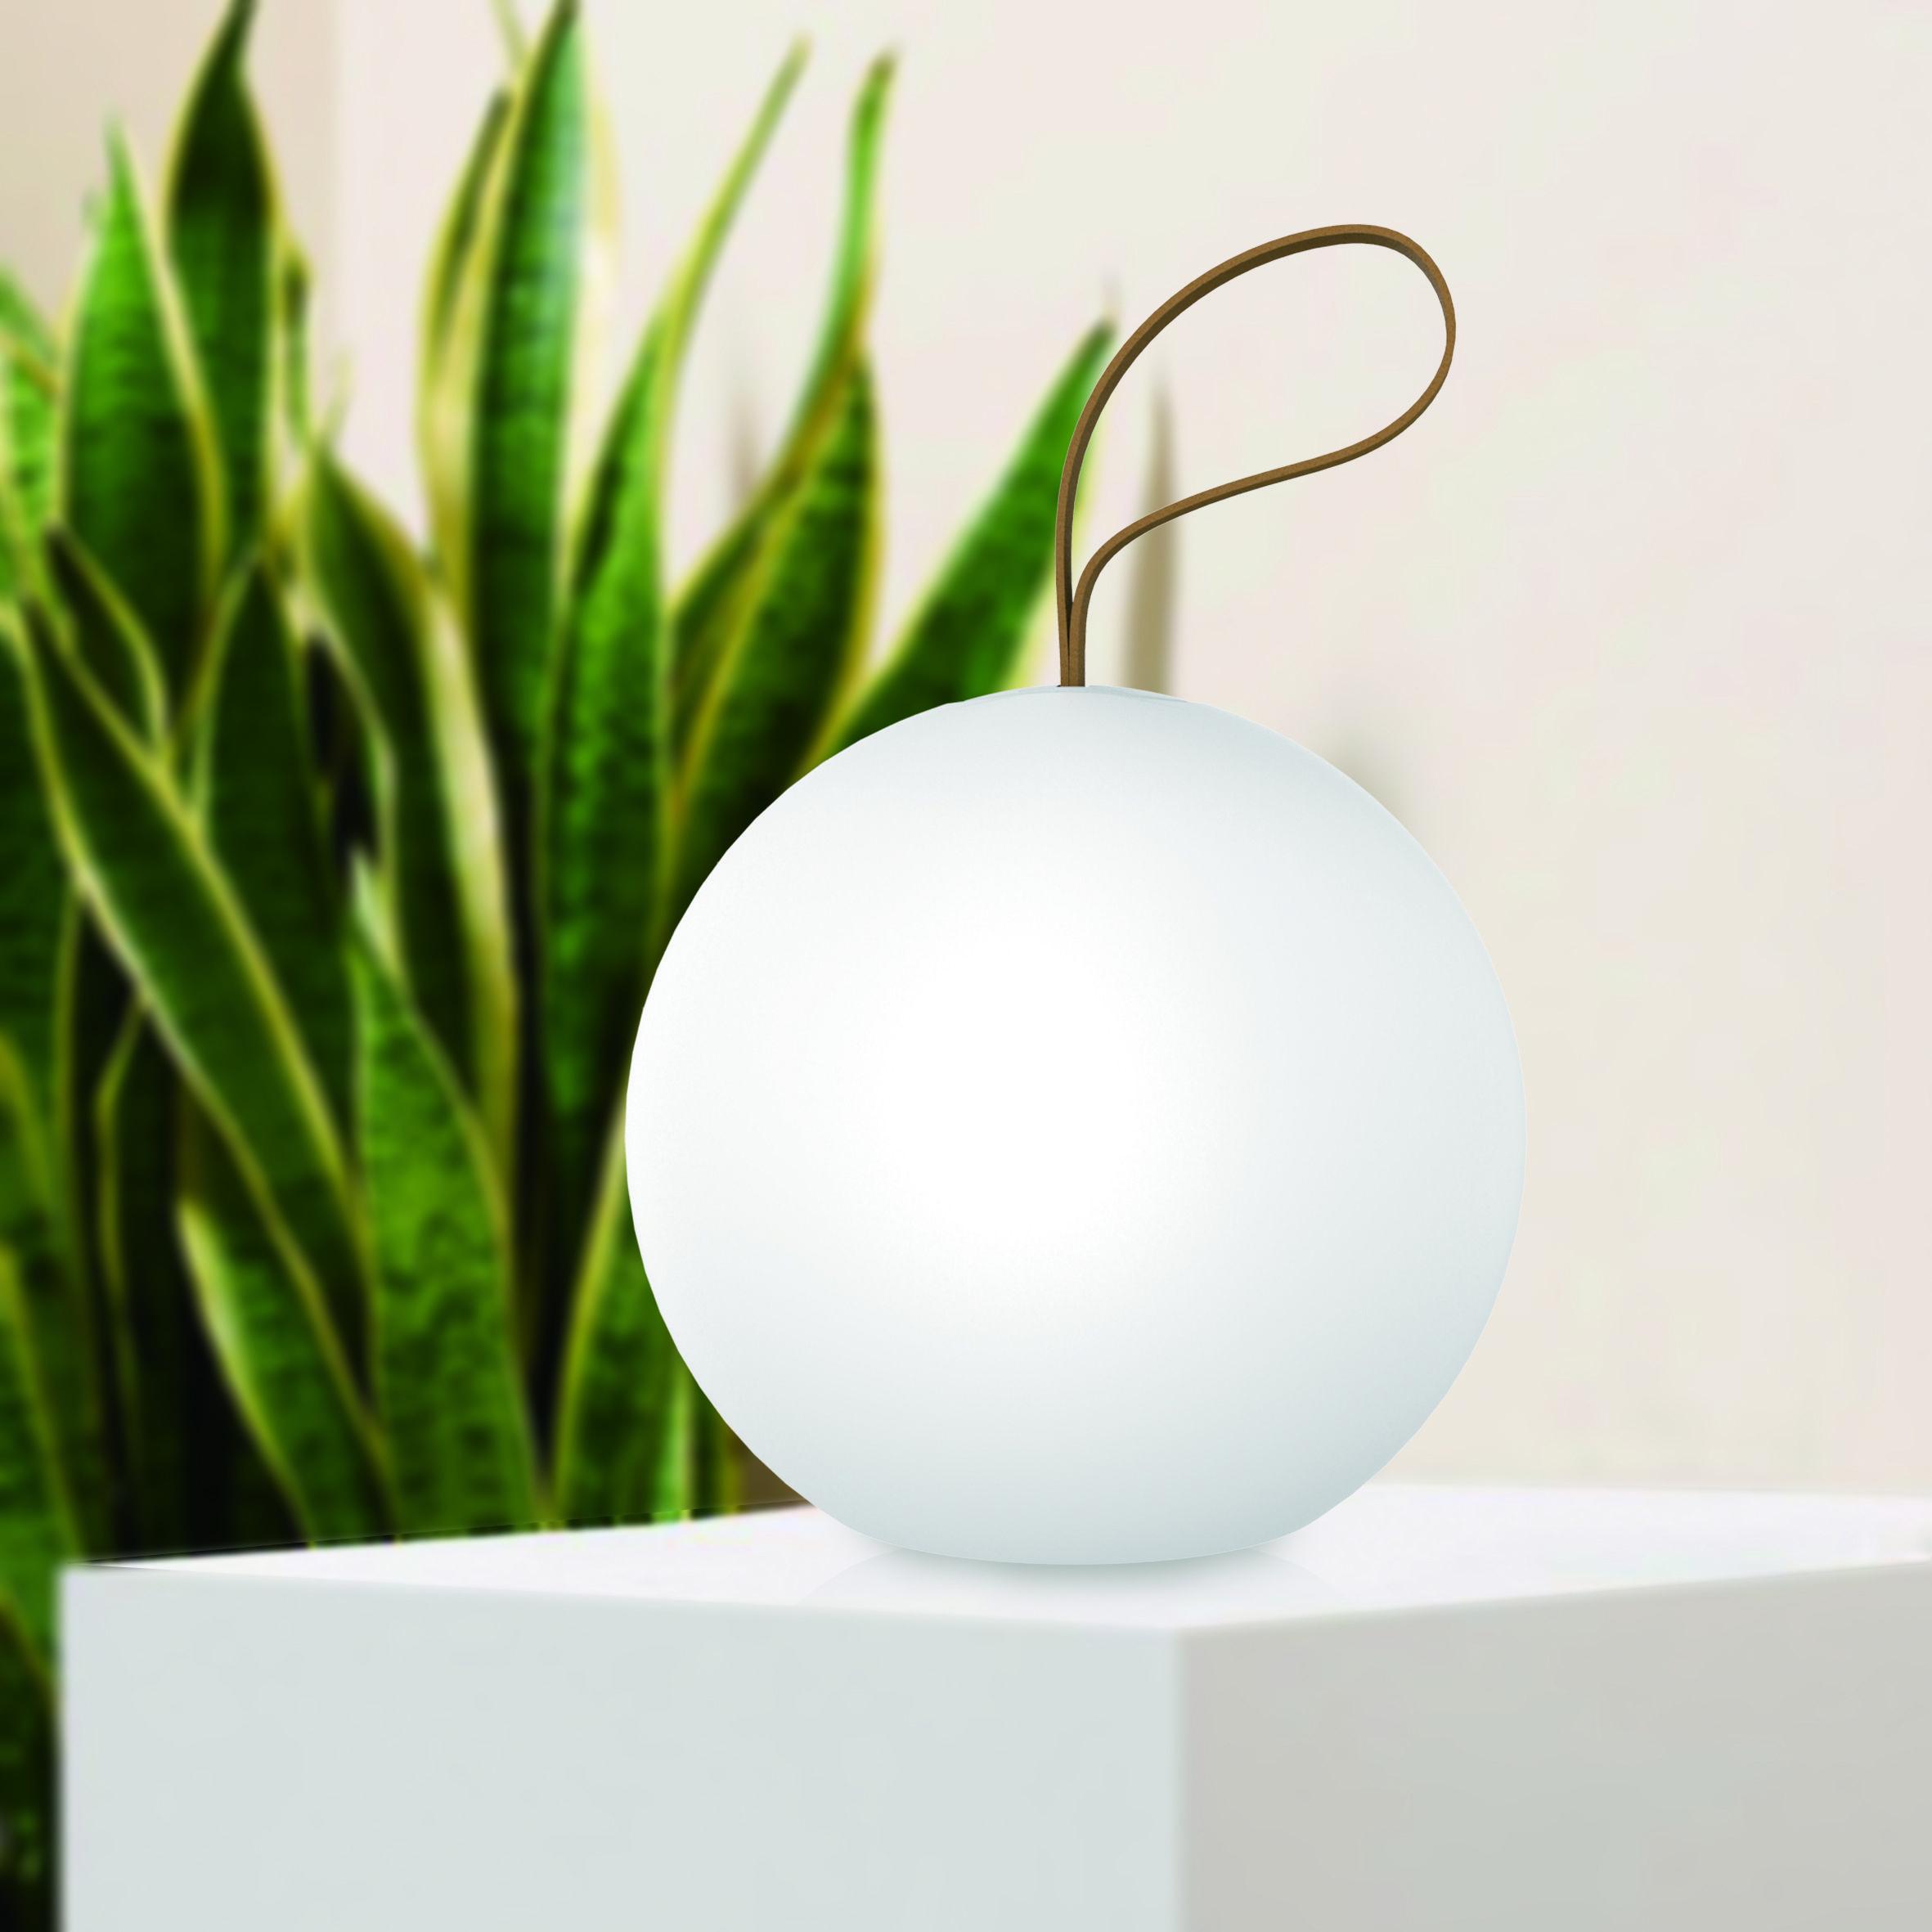 Accensione Lampadario Con Telecomando lampada led rgb + warm white (3000k), portatile e